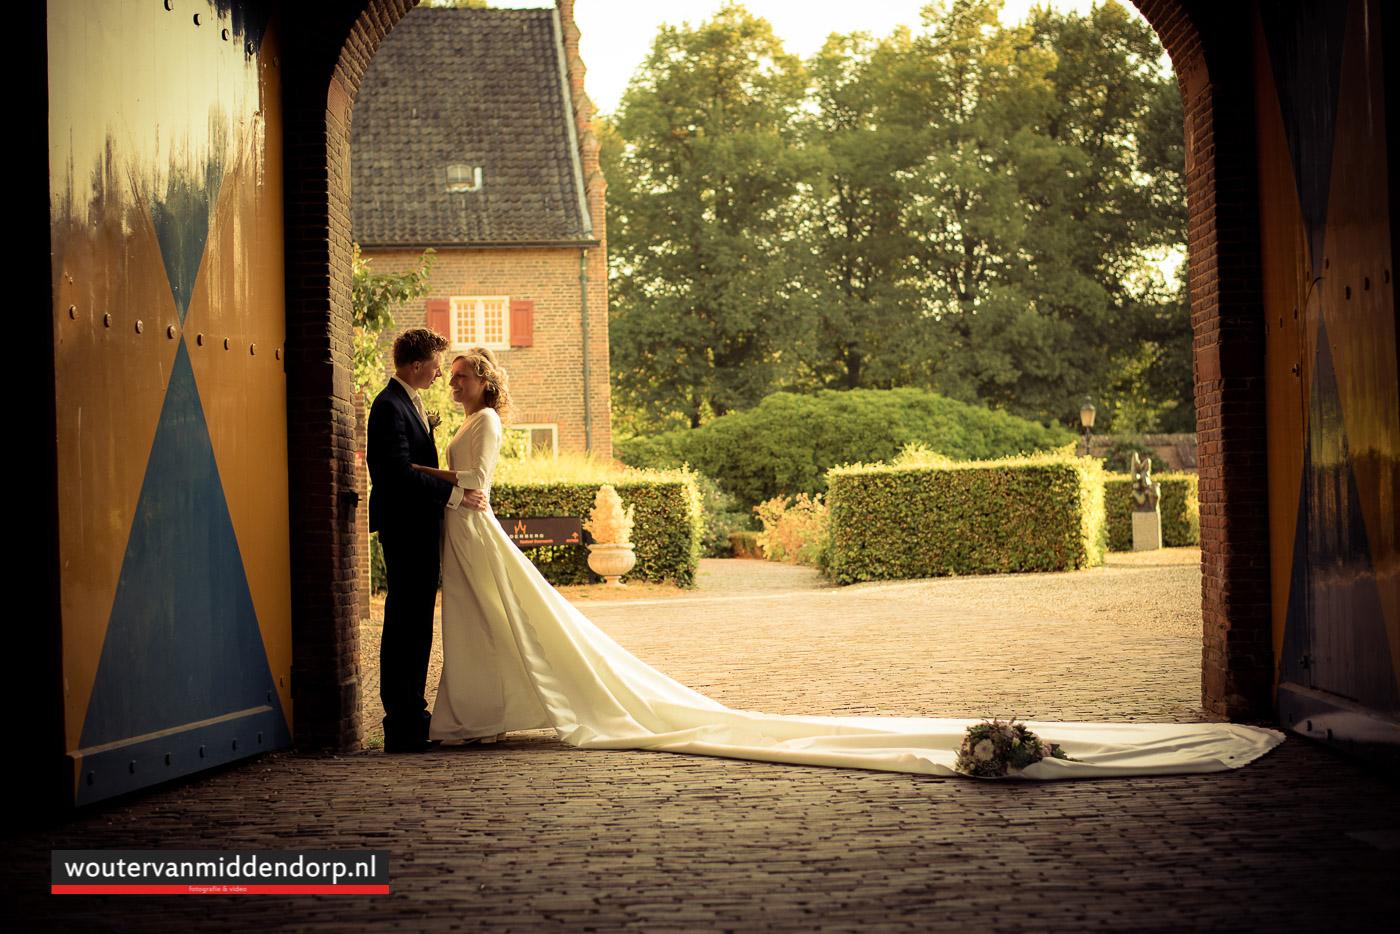 bruidsfotografie Wouter van Middendorp Uddel, Harskamp, Lunteren, Barneveld, fotograaf-13